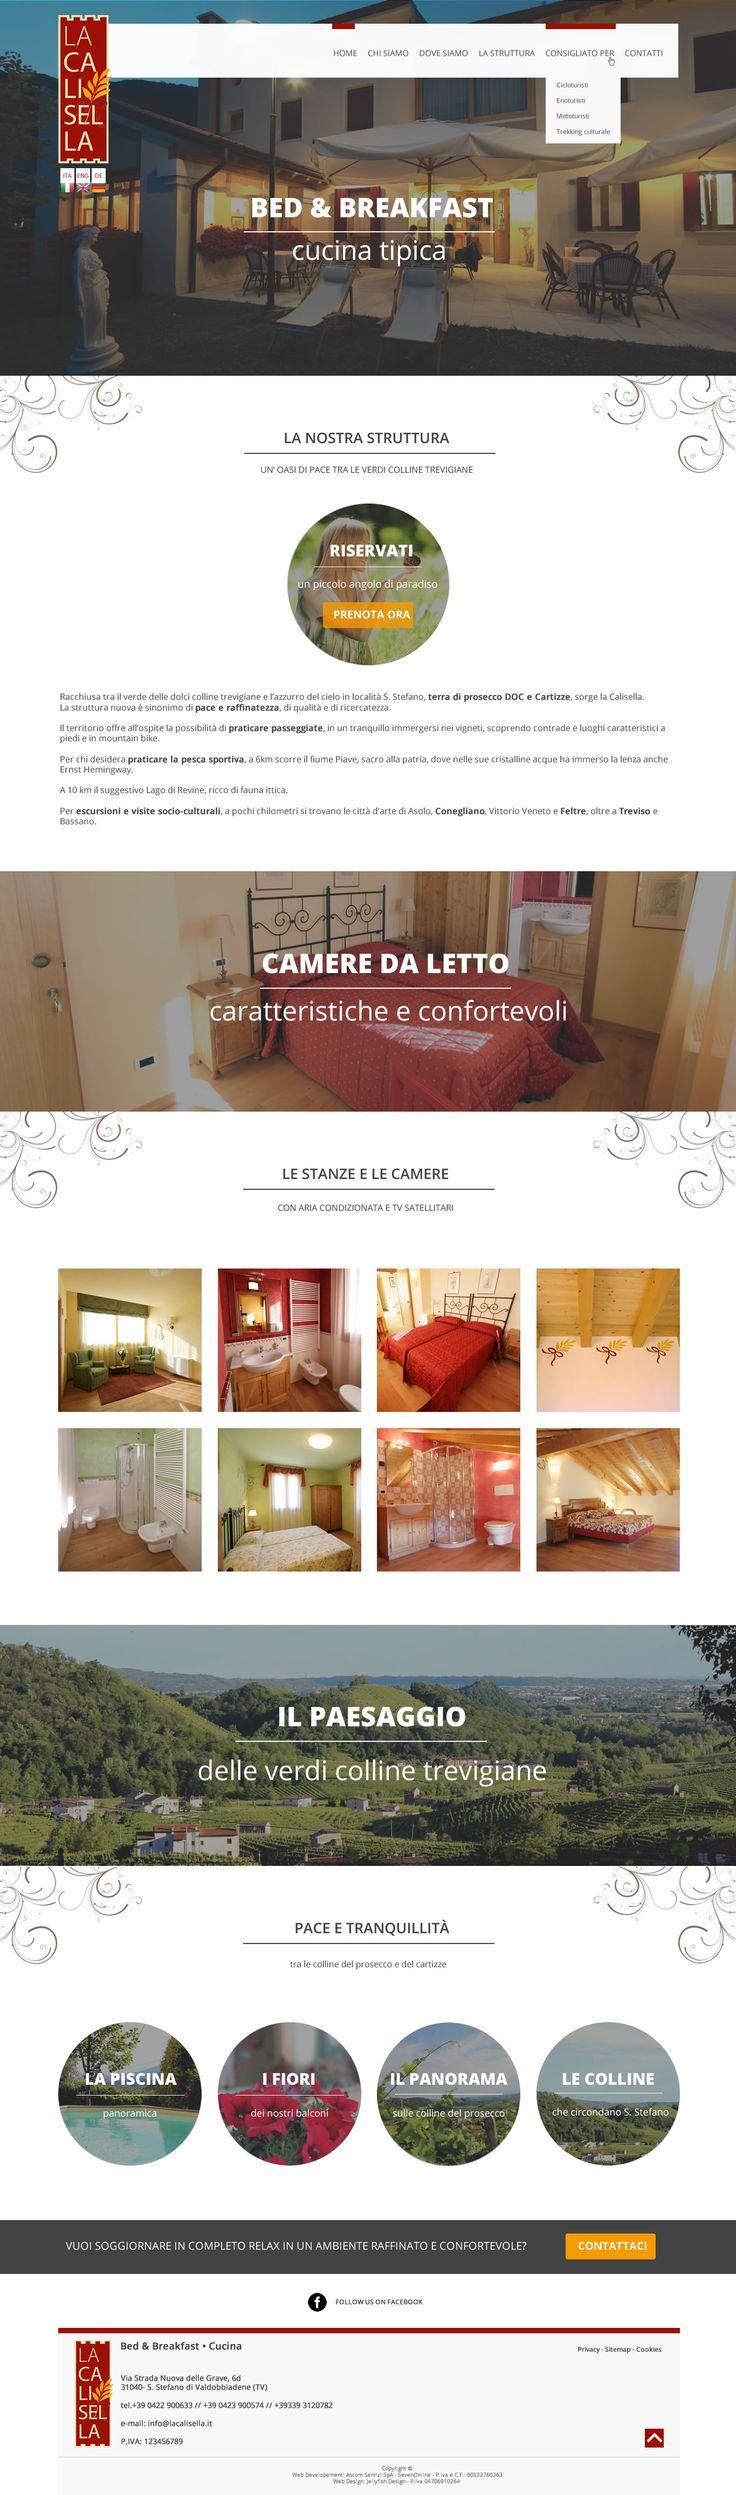 Bozza grafica per il restyling de La Calisella, bed & breakfast sulle colline di Valdobbiadene. copyright Jellyfish Design